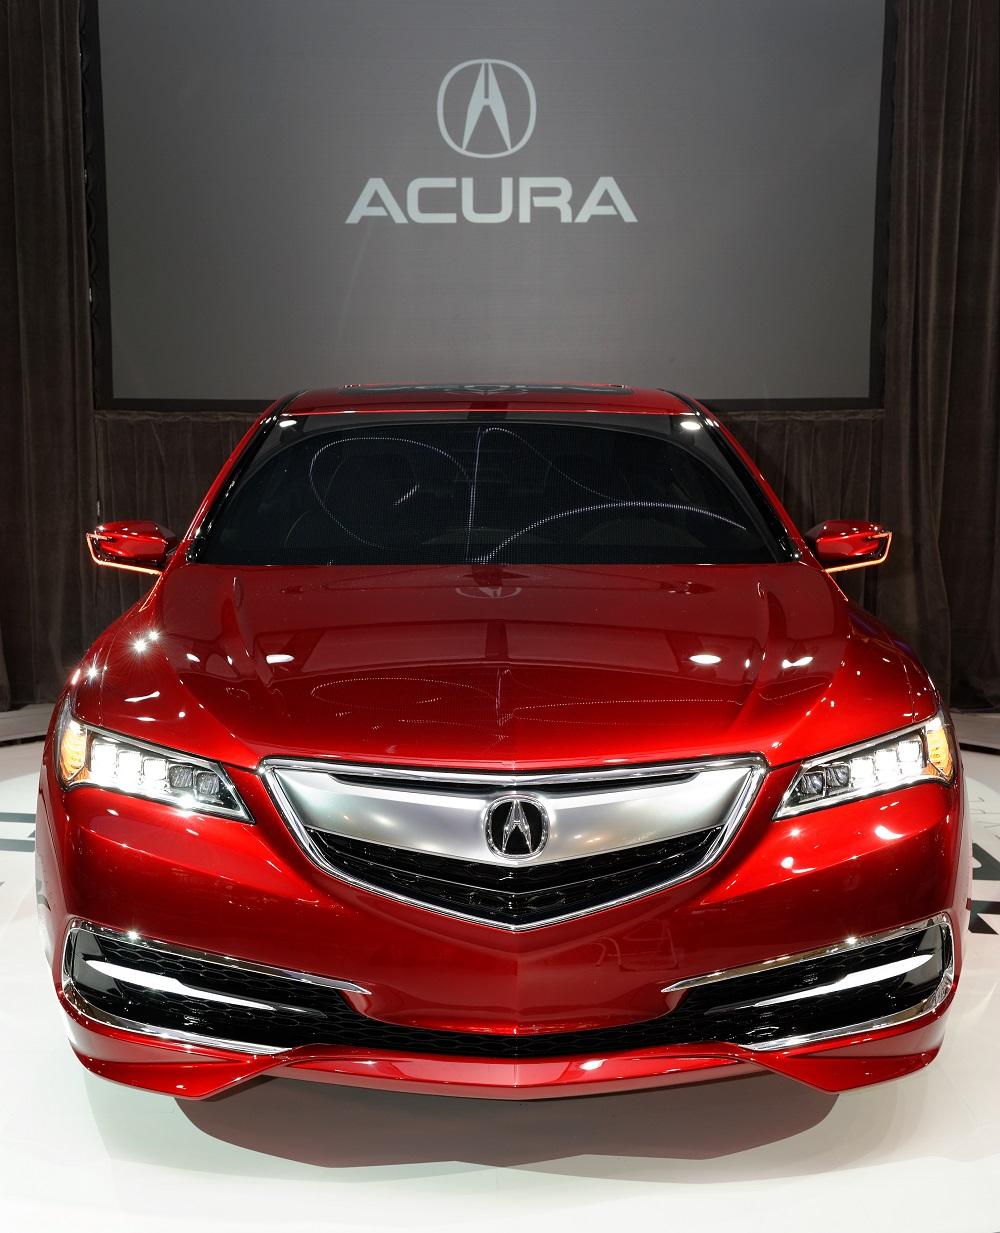 Cheap Acura: ListLand.com